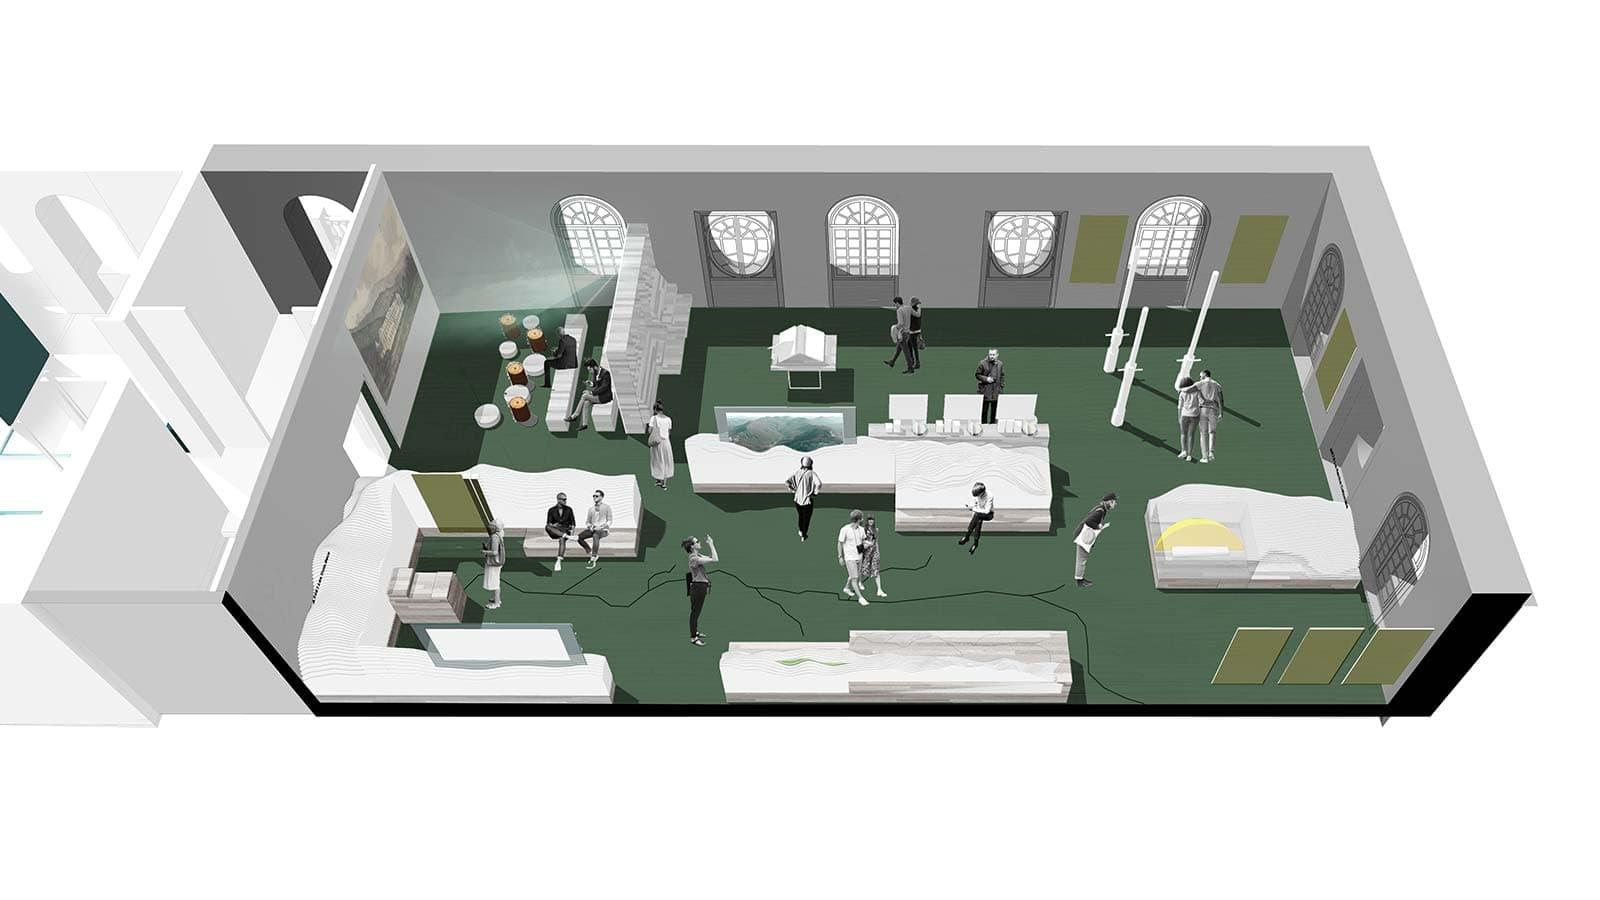 Vue 3D de la scénographie d'un des espaces d'exposition, à l'ouest du bâtiment.